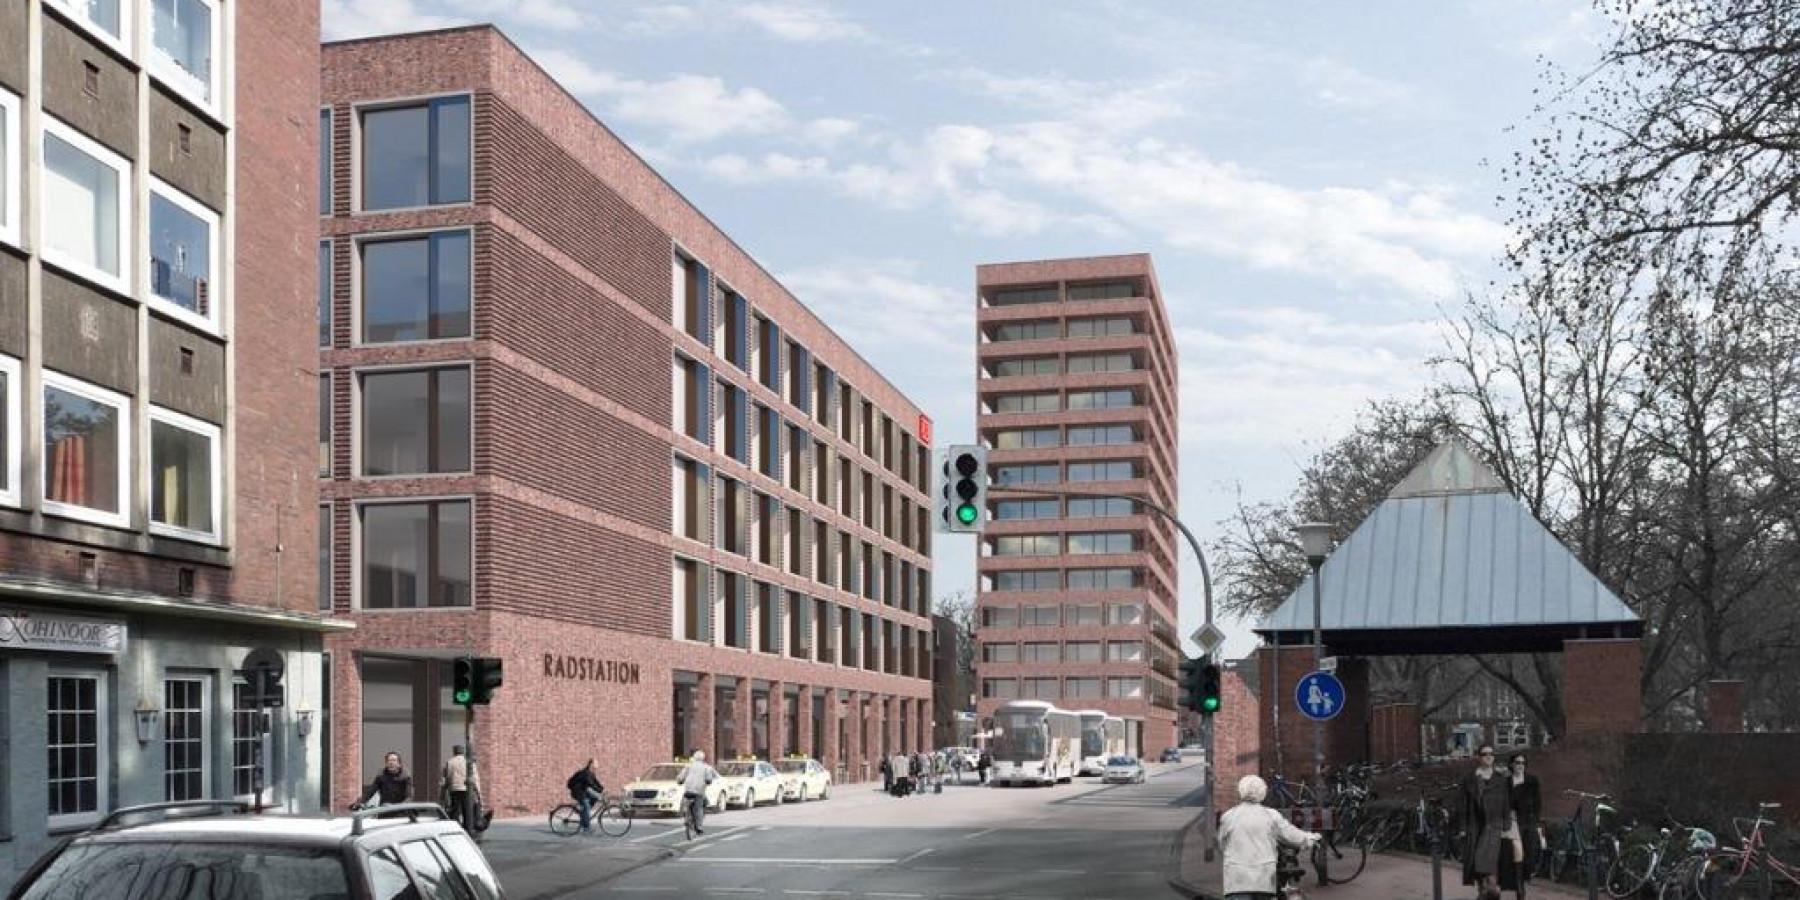 Neugestaltung Bremer Platz: Erste Konzepte und Skizzen